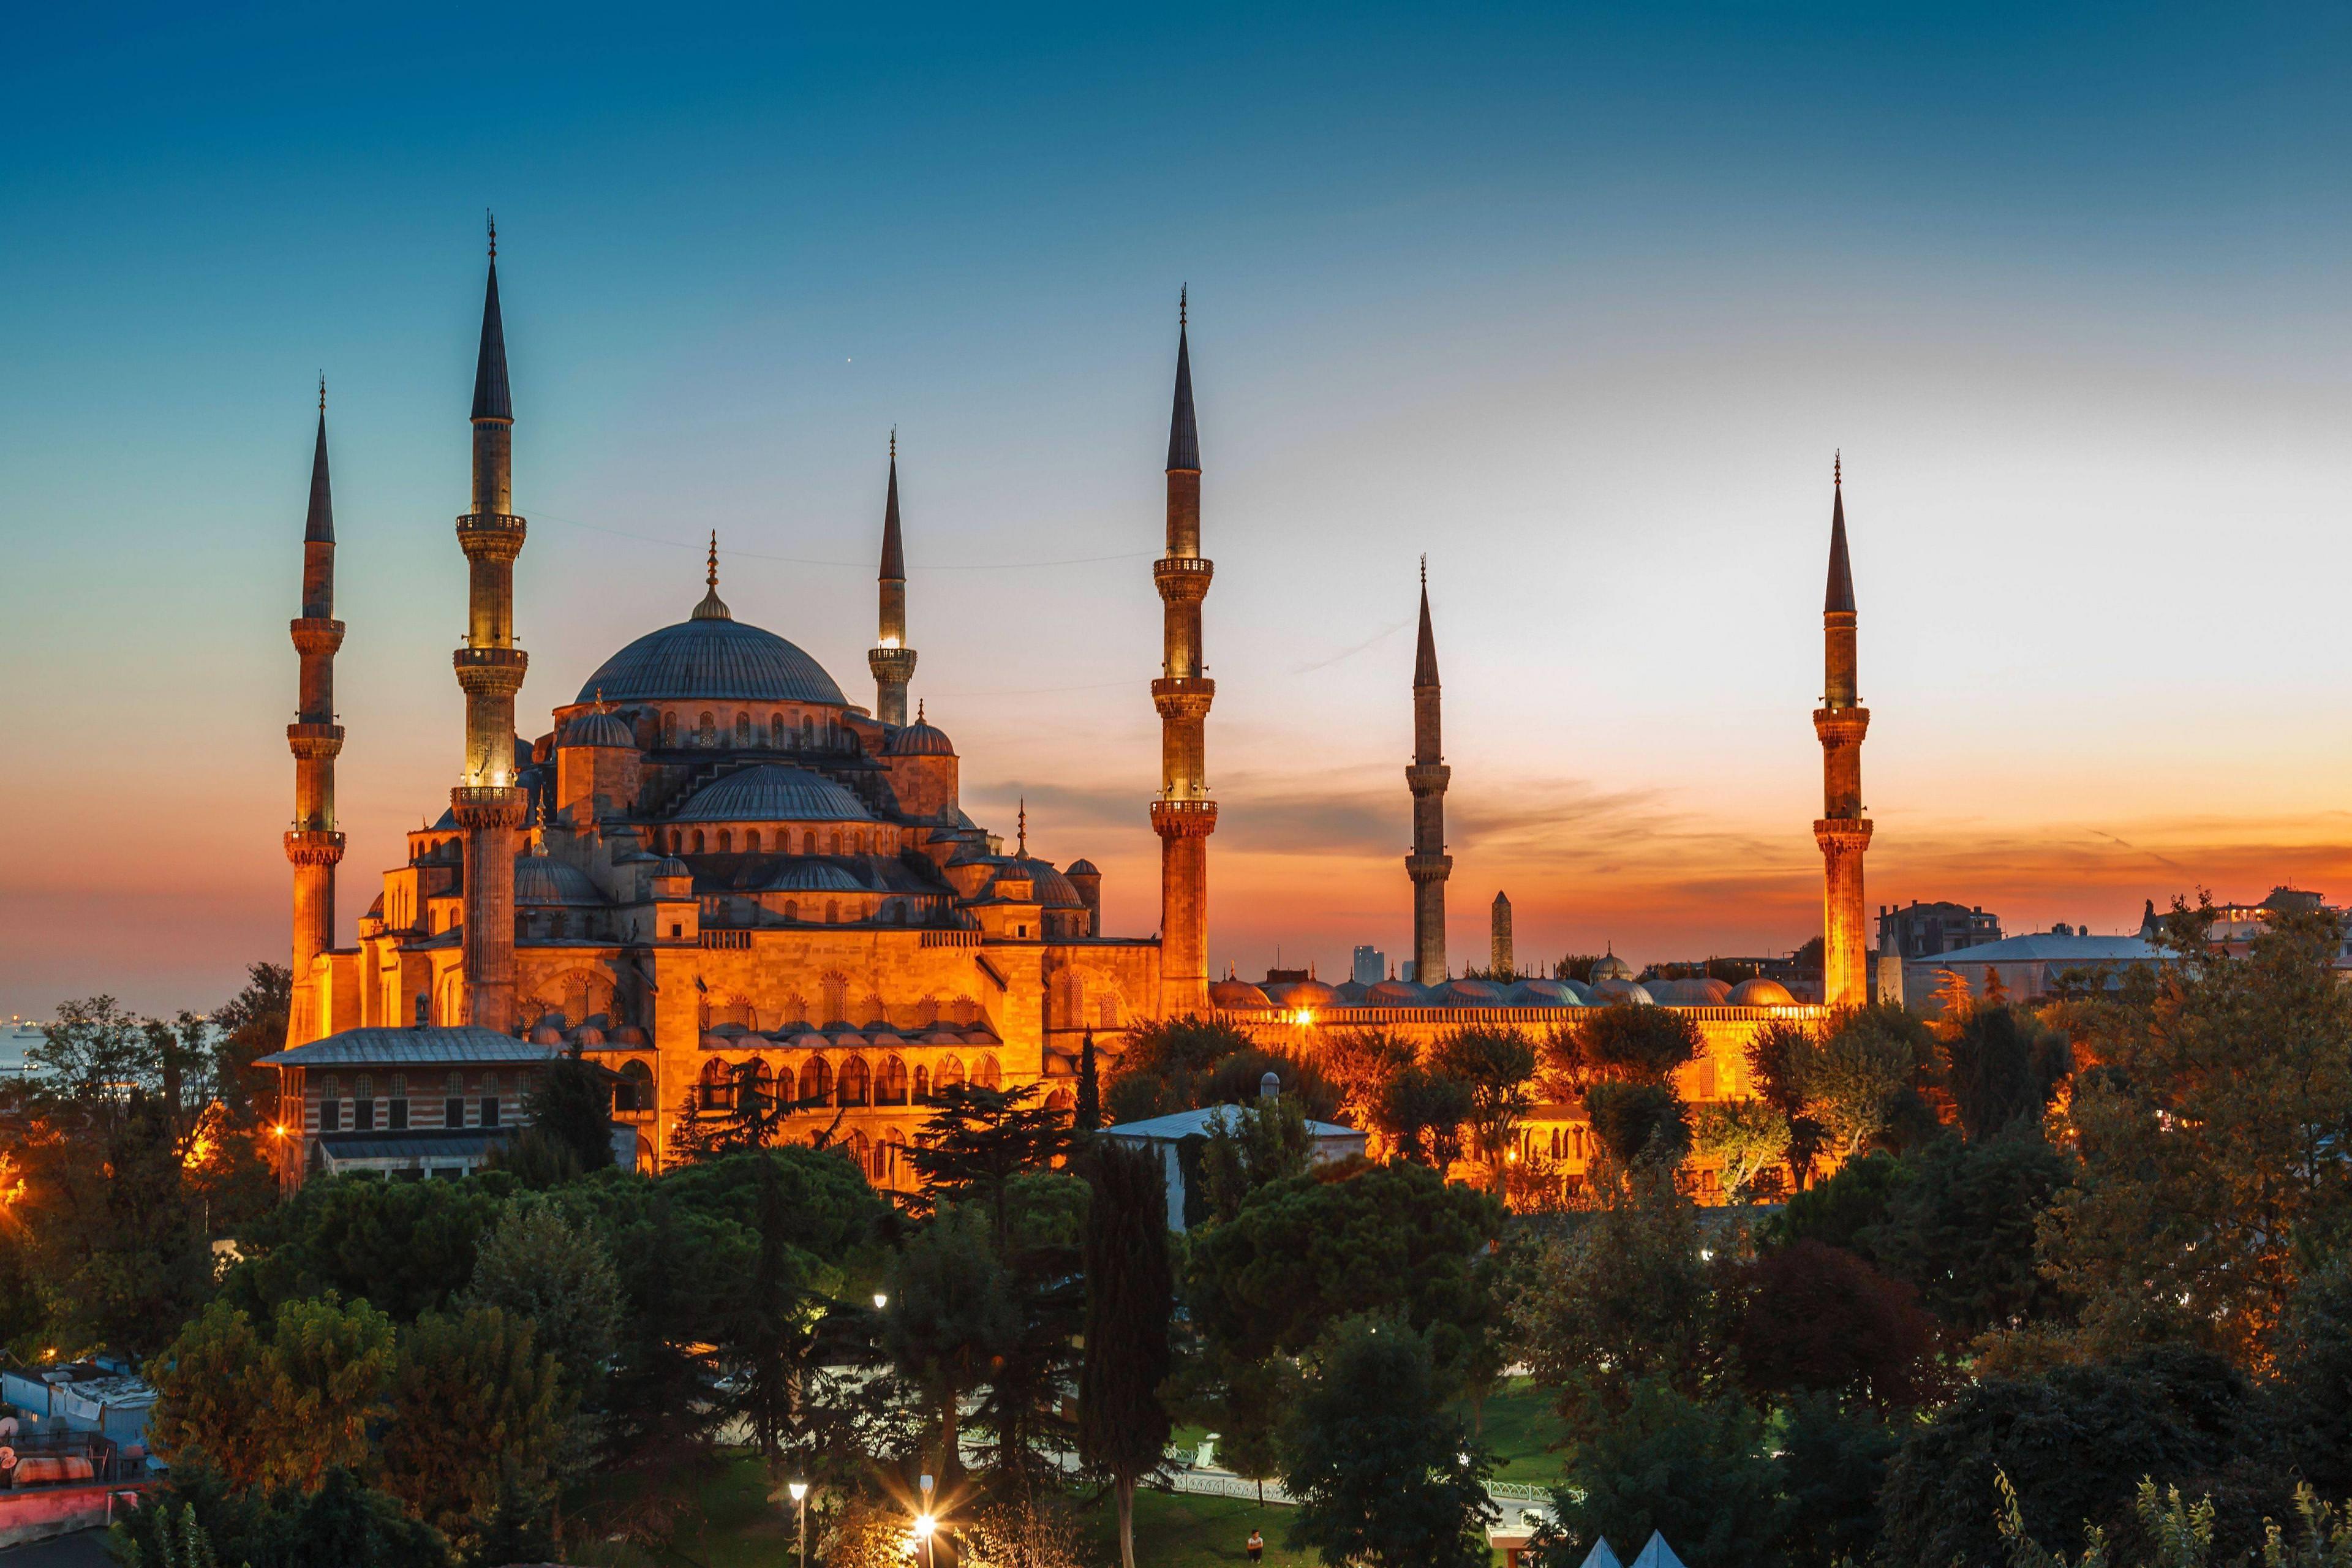 Turkey 4k Wallpapers Top Free Turkey 4k Backgrounds Wallpaperaccess